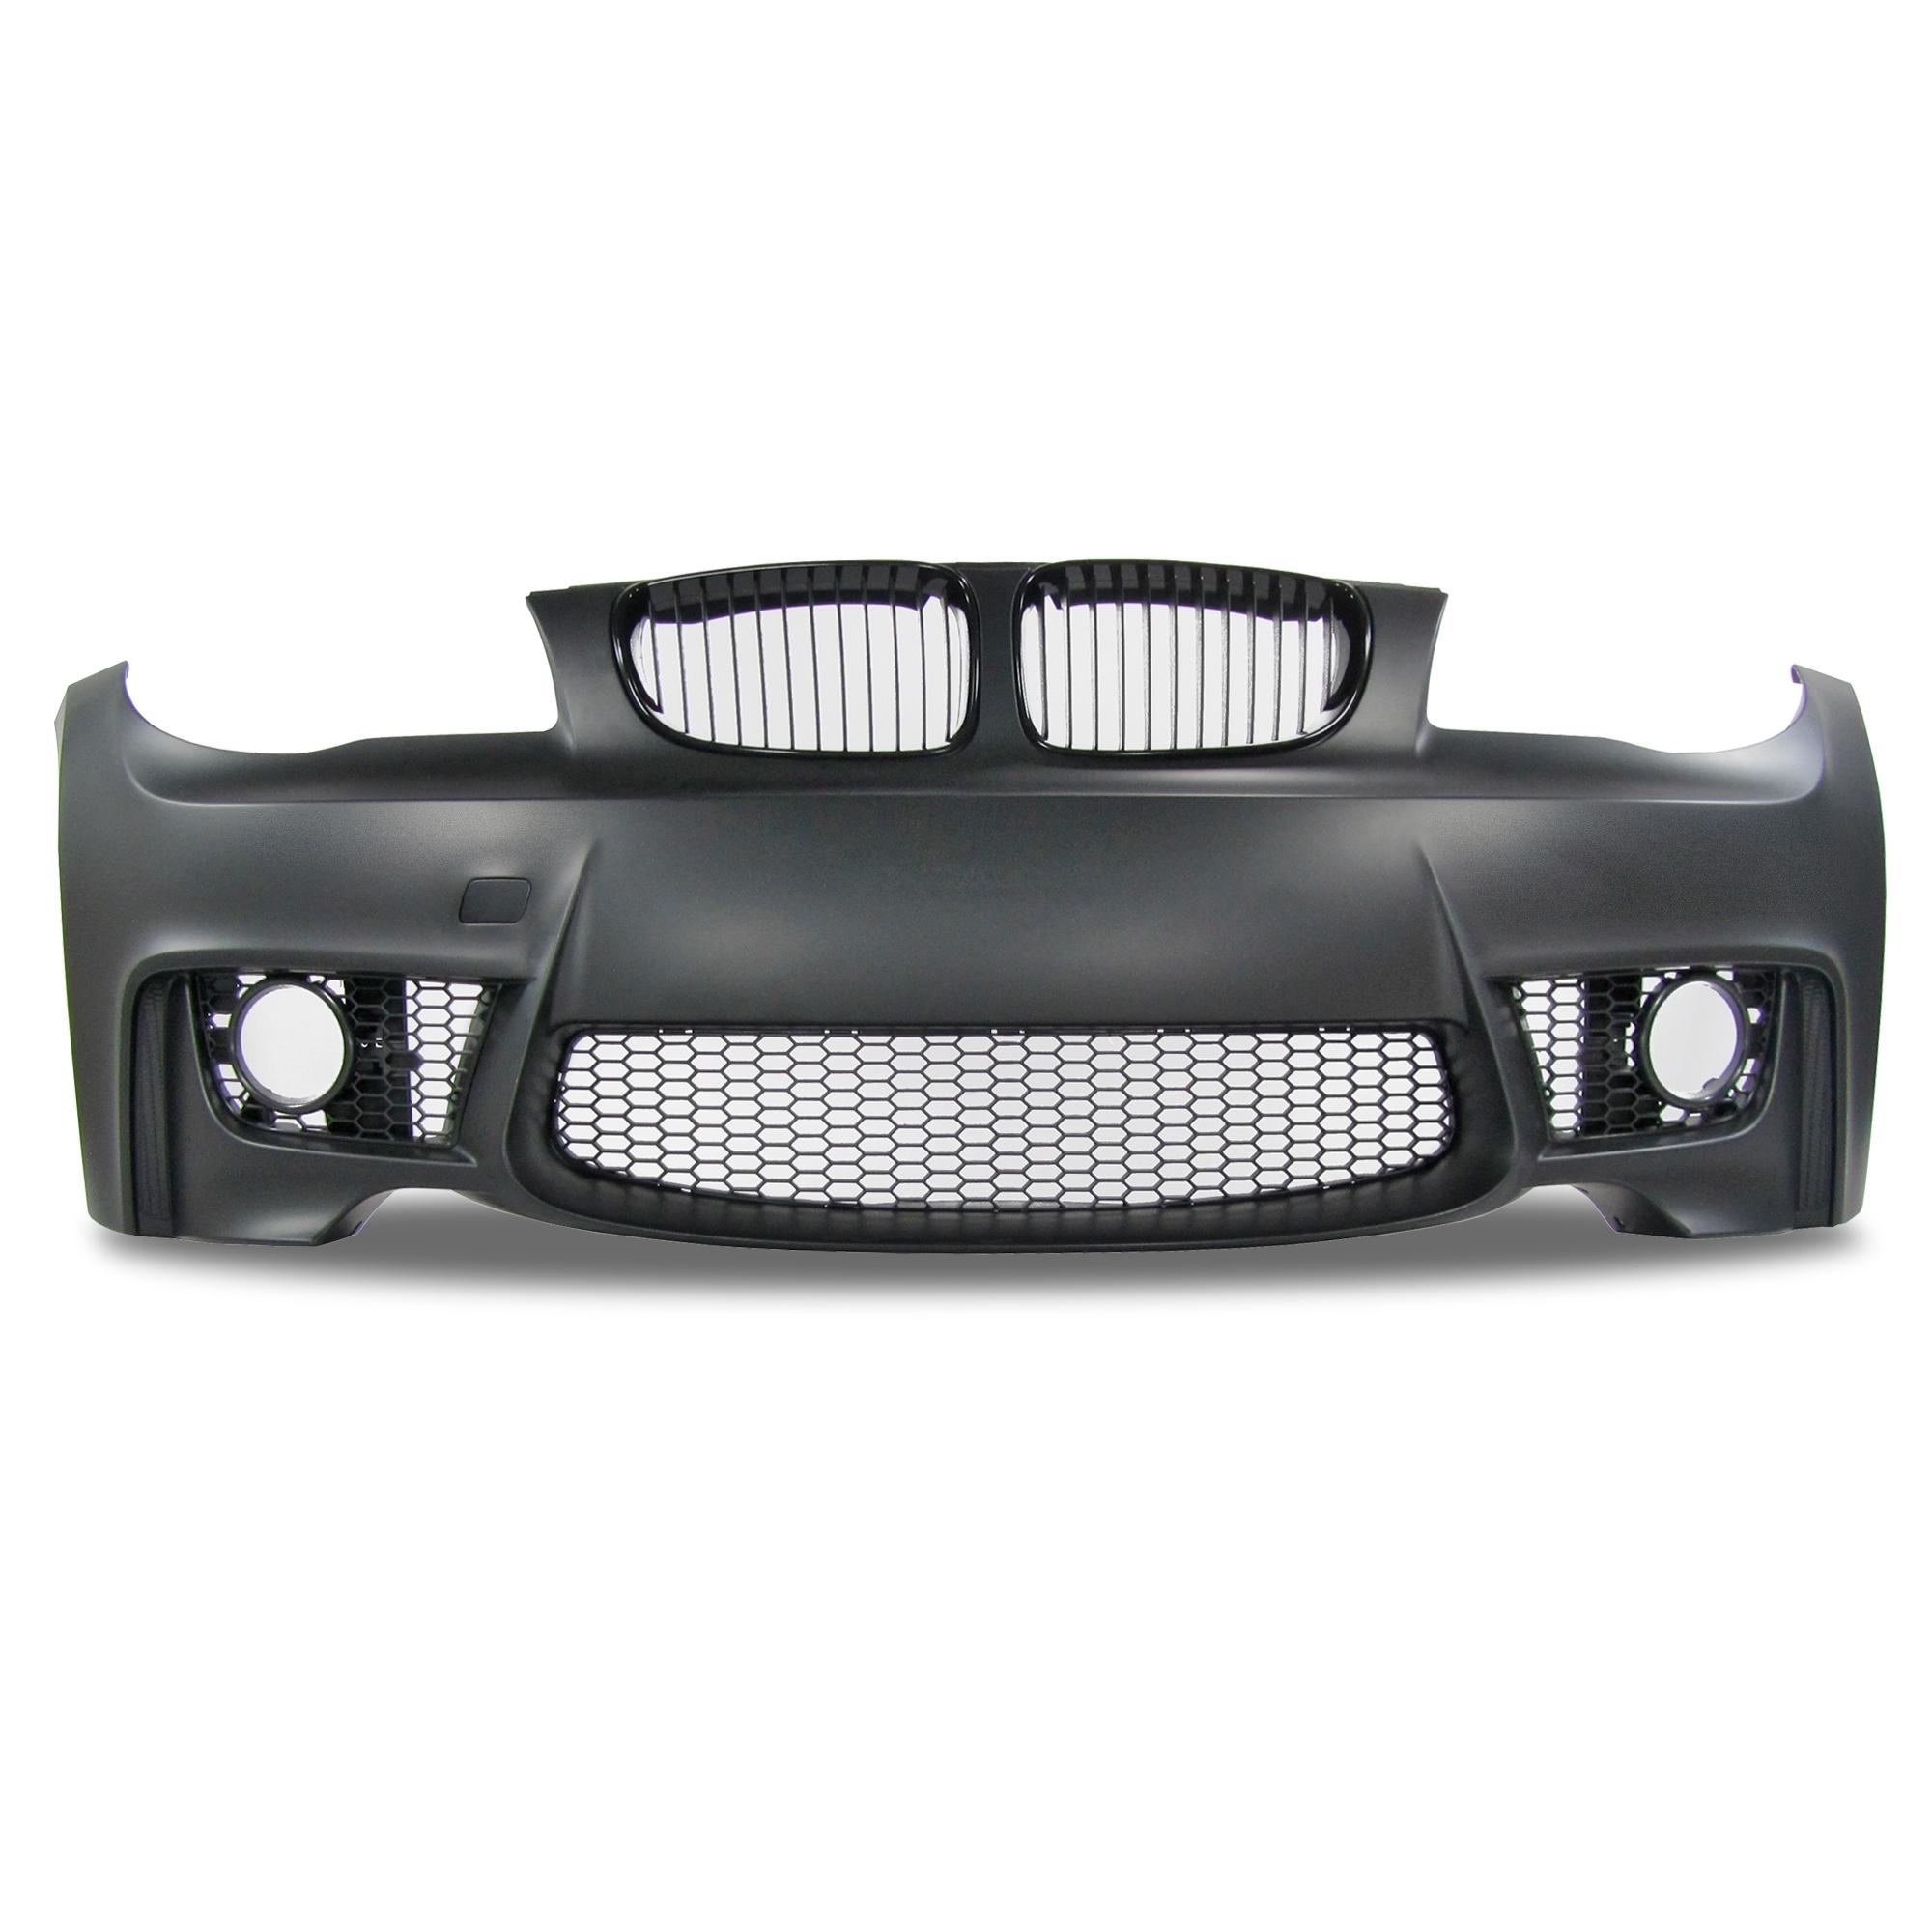 JOM Forkofanger Sports design med grill til BMW 1 serie E81